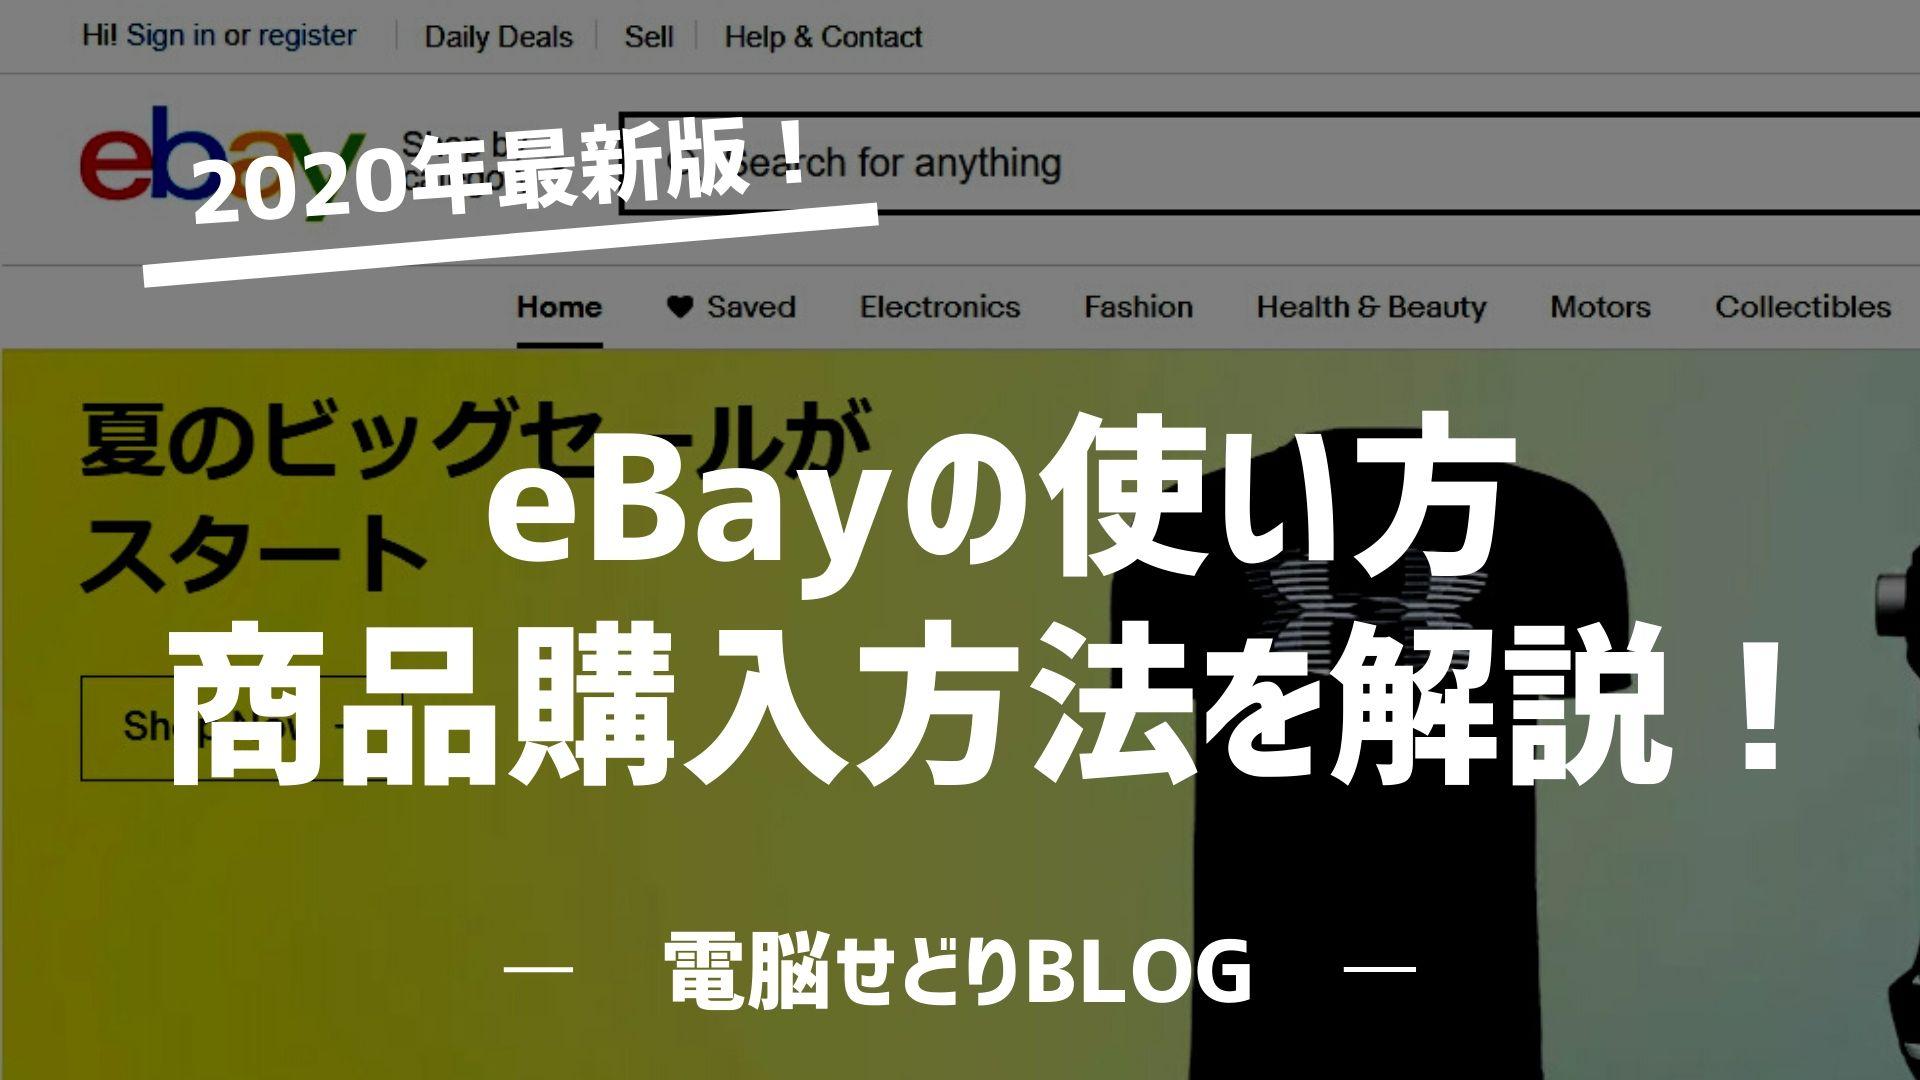 【2020年最新版】ebayの使い方を徹底解説!せどり/転売の仕入れに活用しよう!